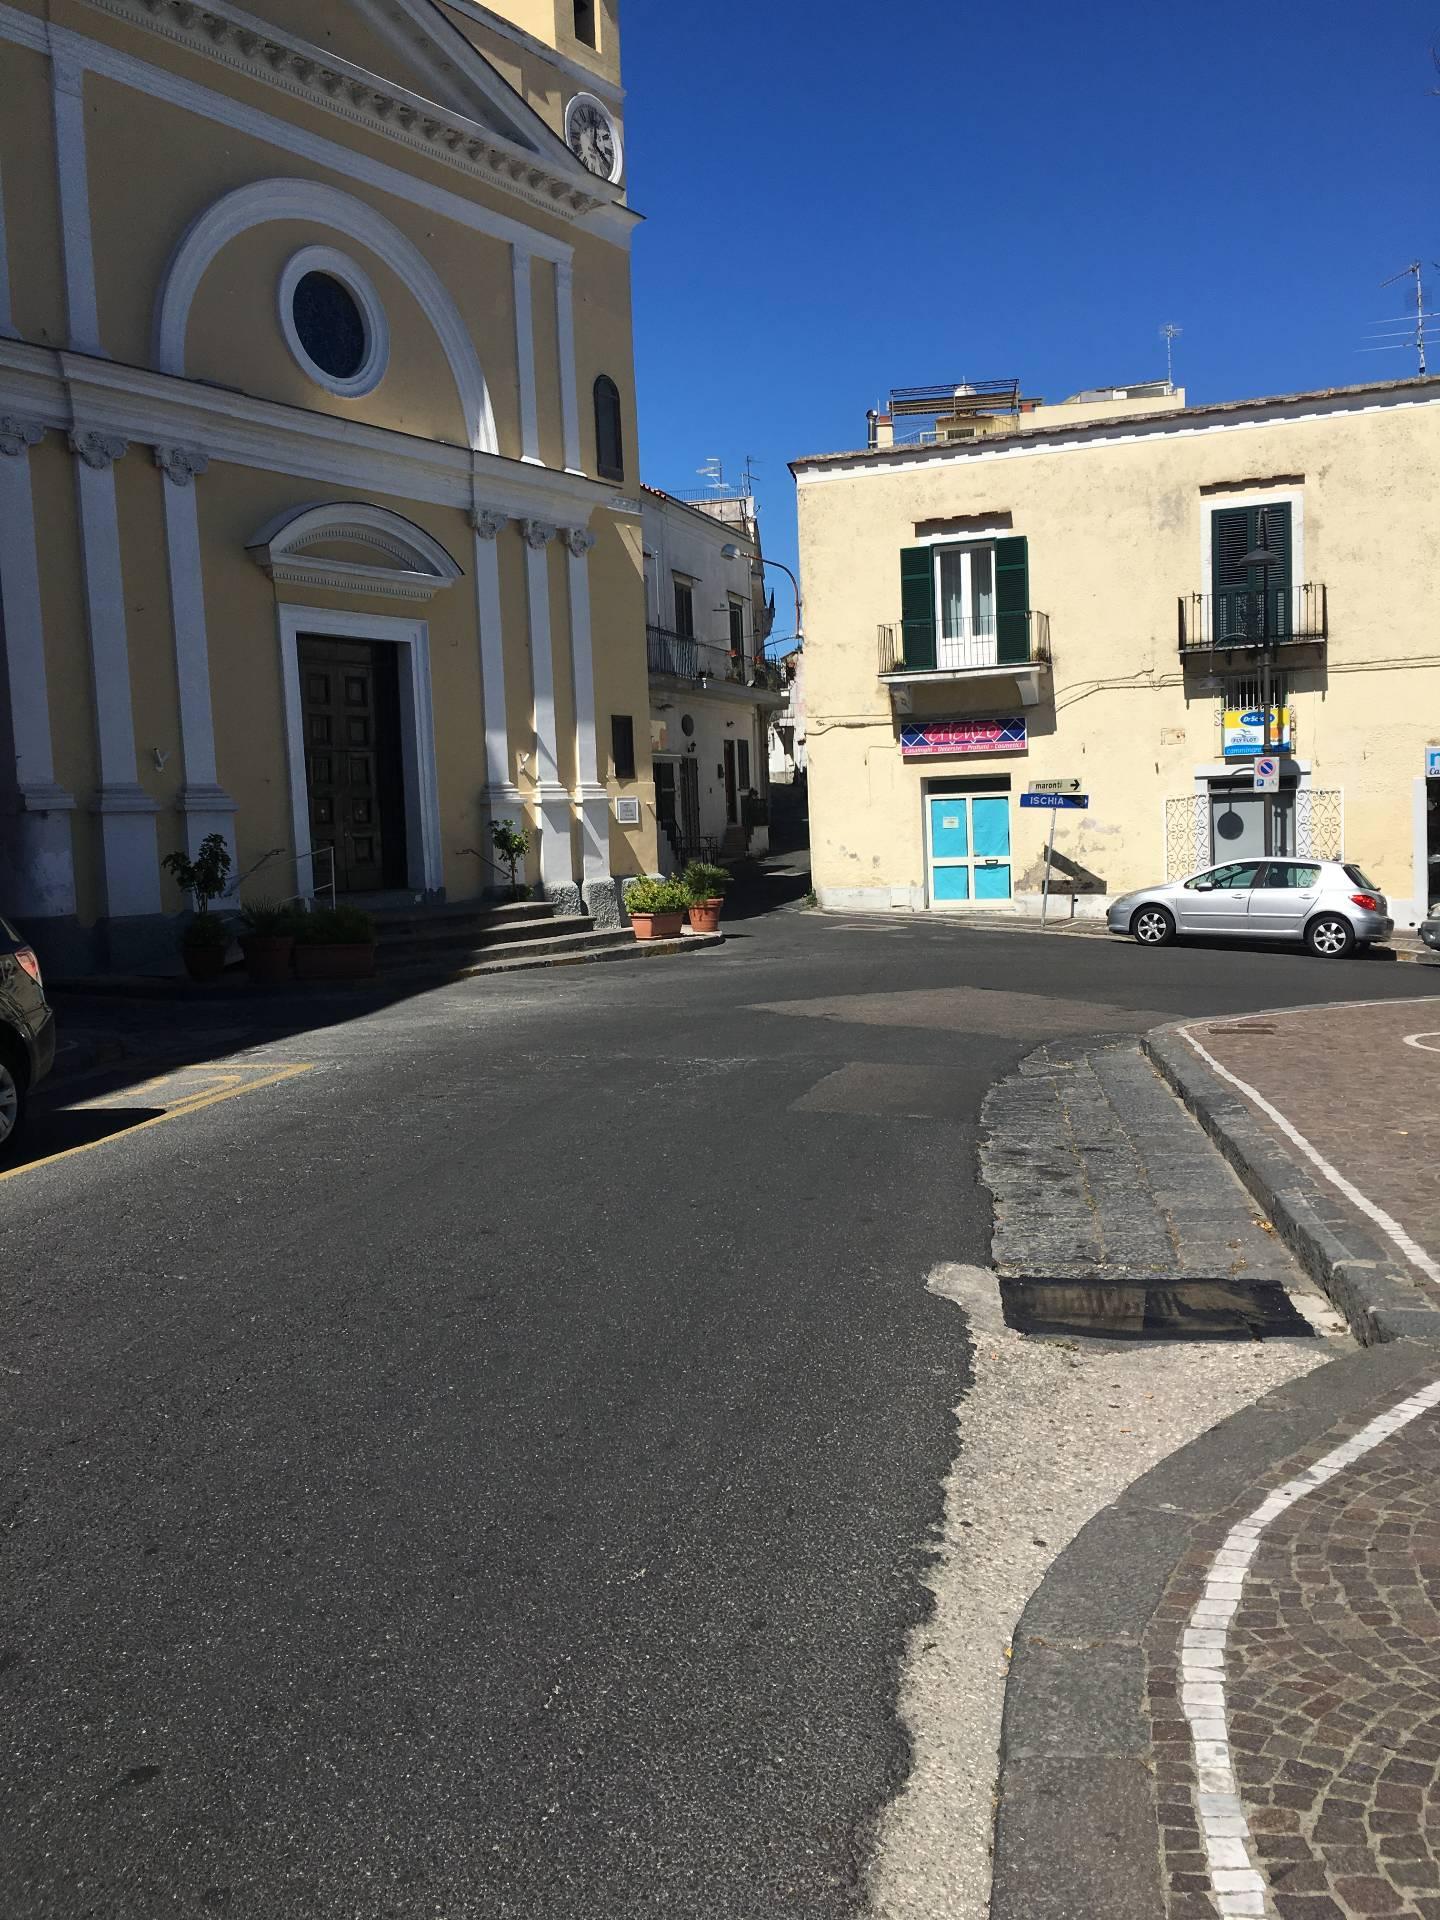 Negozio / Locale in vendita a Barano d'Ischia, 9999 locali, zona Località: Baranocentro, prezzo € 180.000 | Cambio Casa.it